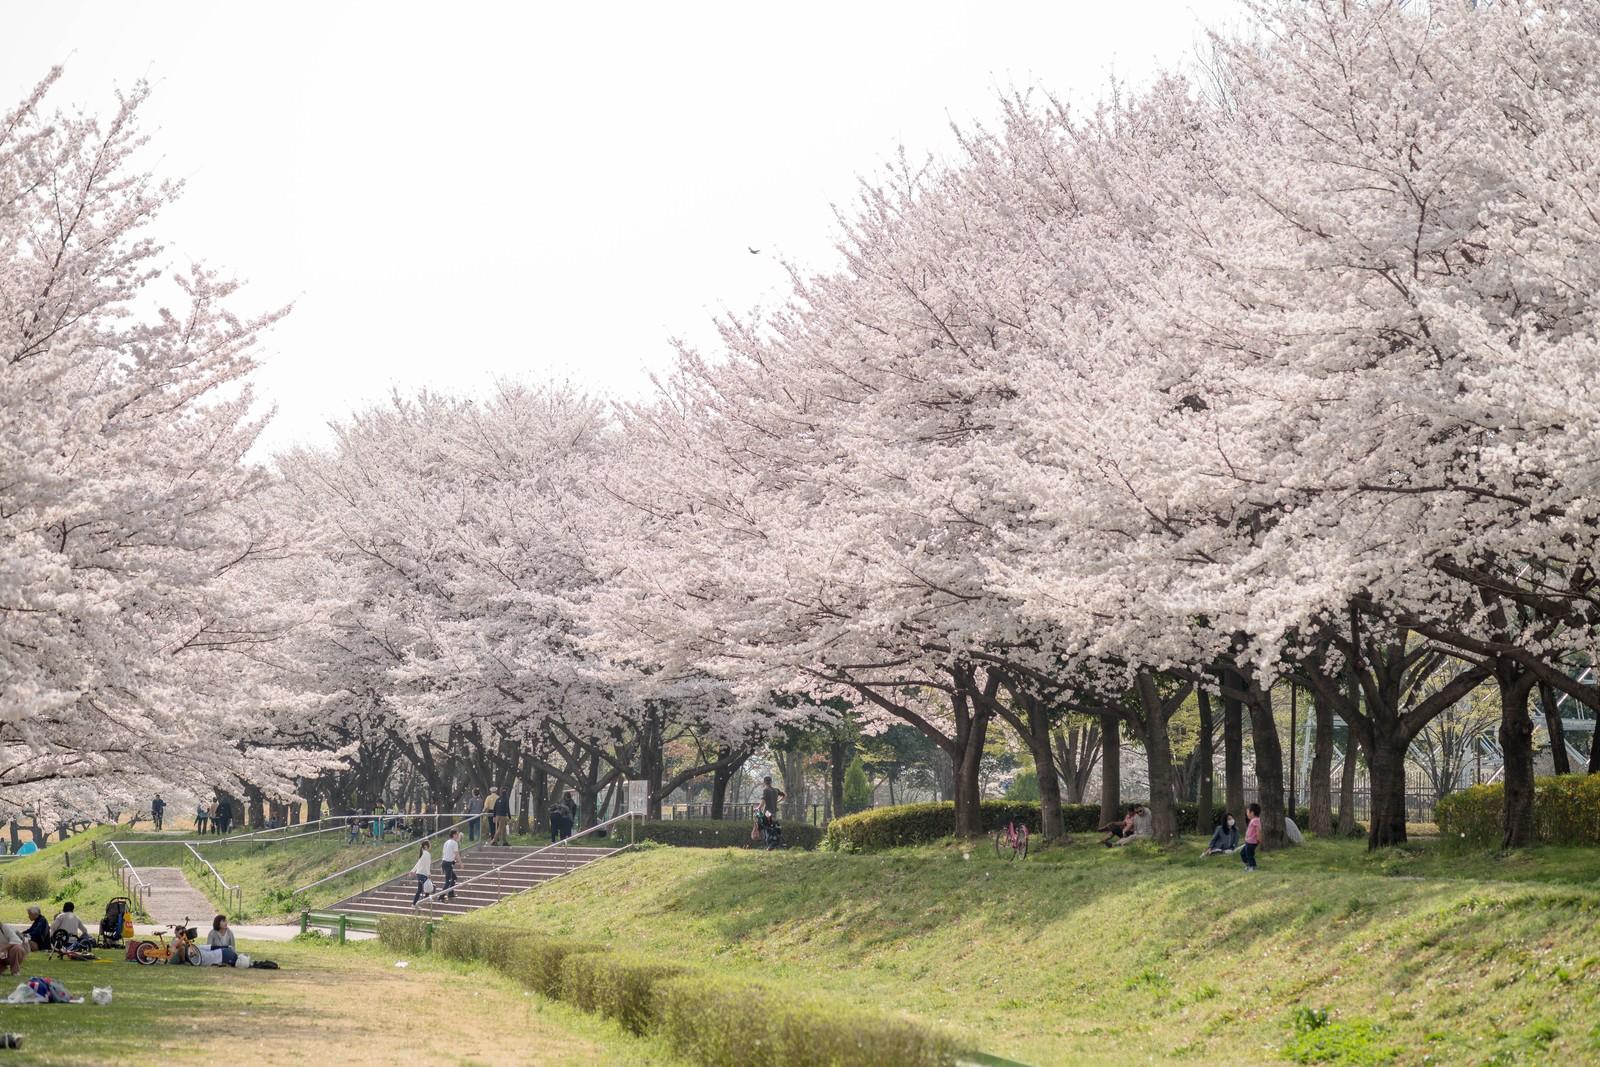 「満開の桜並木と花見人」の写真